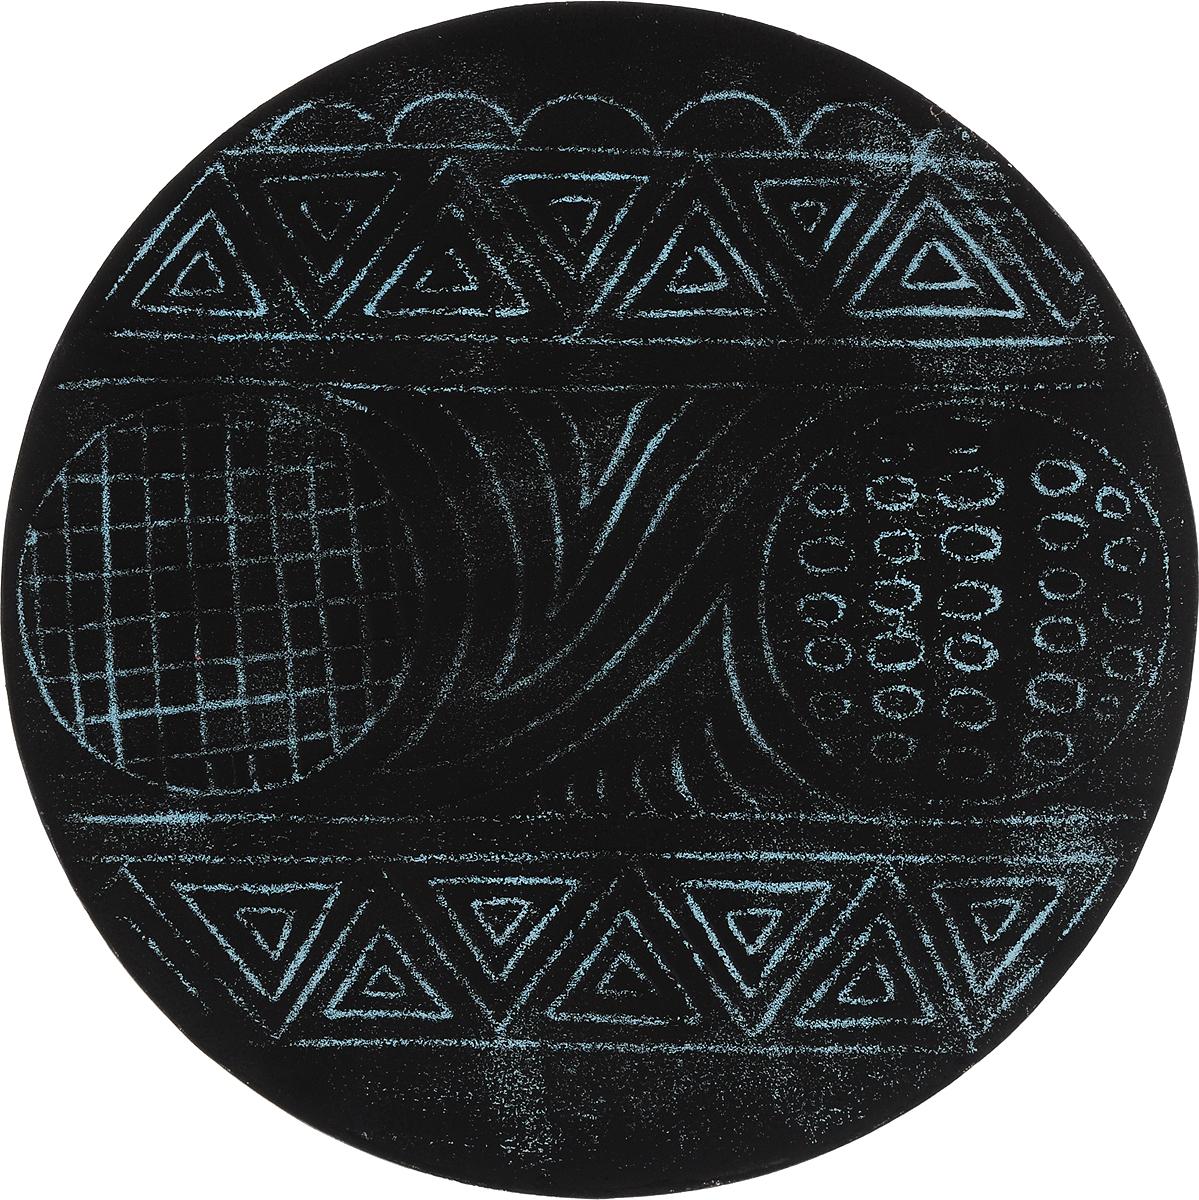 Тарелка декоративная House & Holder, диаметр 22 смPX90470Тарелка House & Holder выполнена из высококачественной керамики. Тарелка круглой формы украшена оригинальным принтом. Она сочетает в себе оригинальный дизайн с максимальной функциональностью. Диаметр тарелки: 22 см. Высота: 2,2 см.